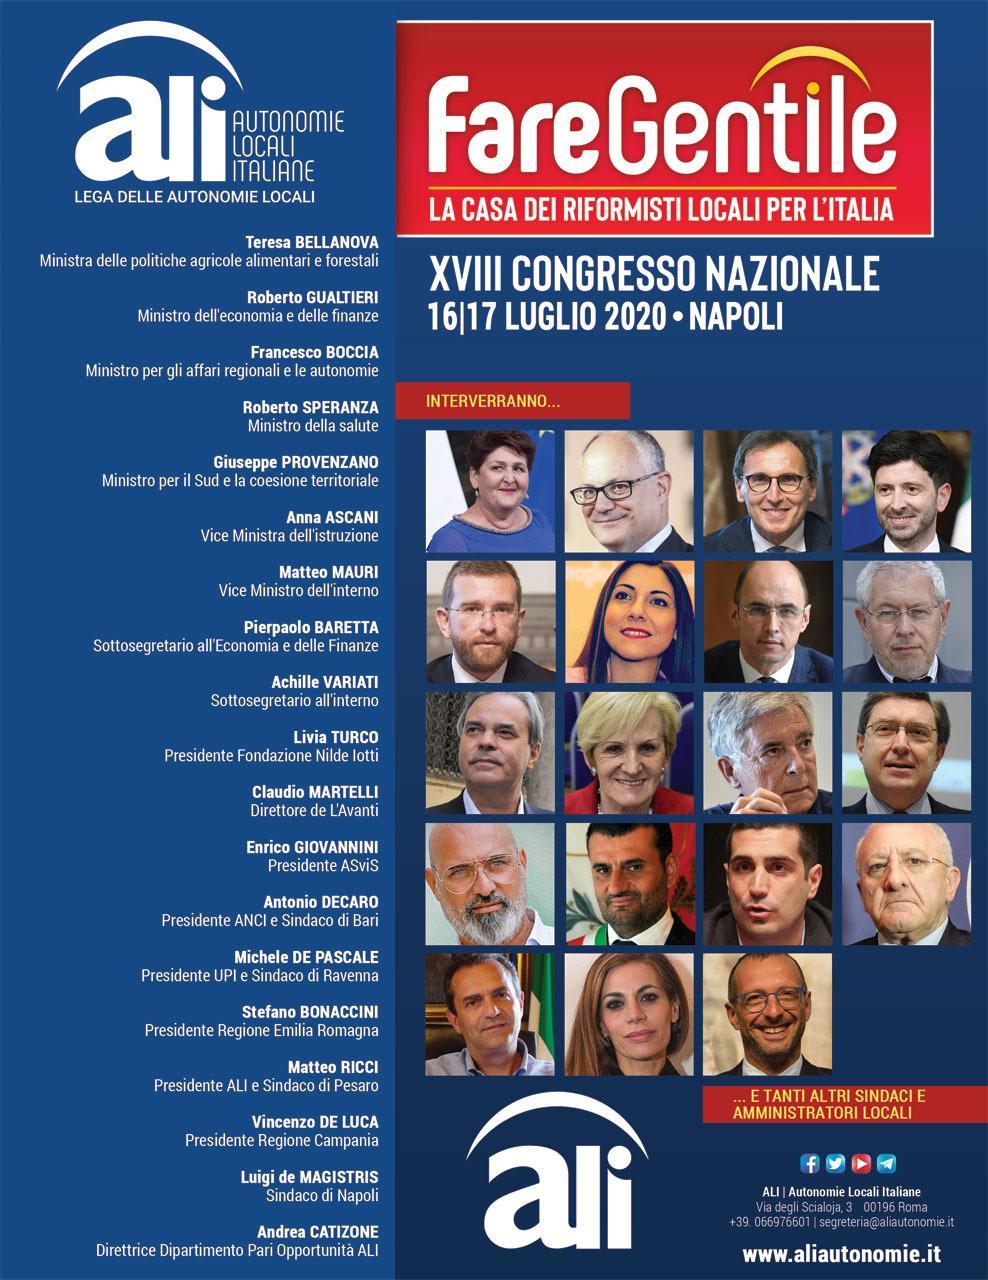 """XVIII Congresso nazionale di ALI- Autonomie Locali Italiane: """"FARE GENTILE. La casa dei riformisti locali"""